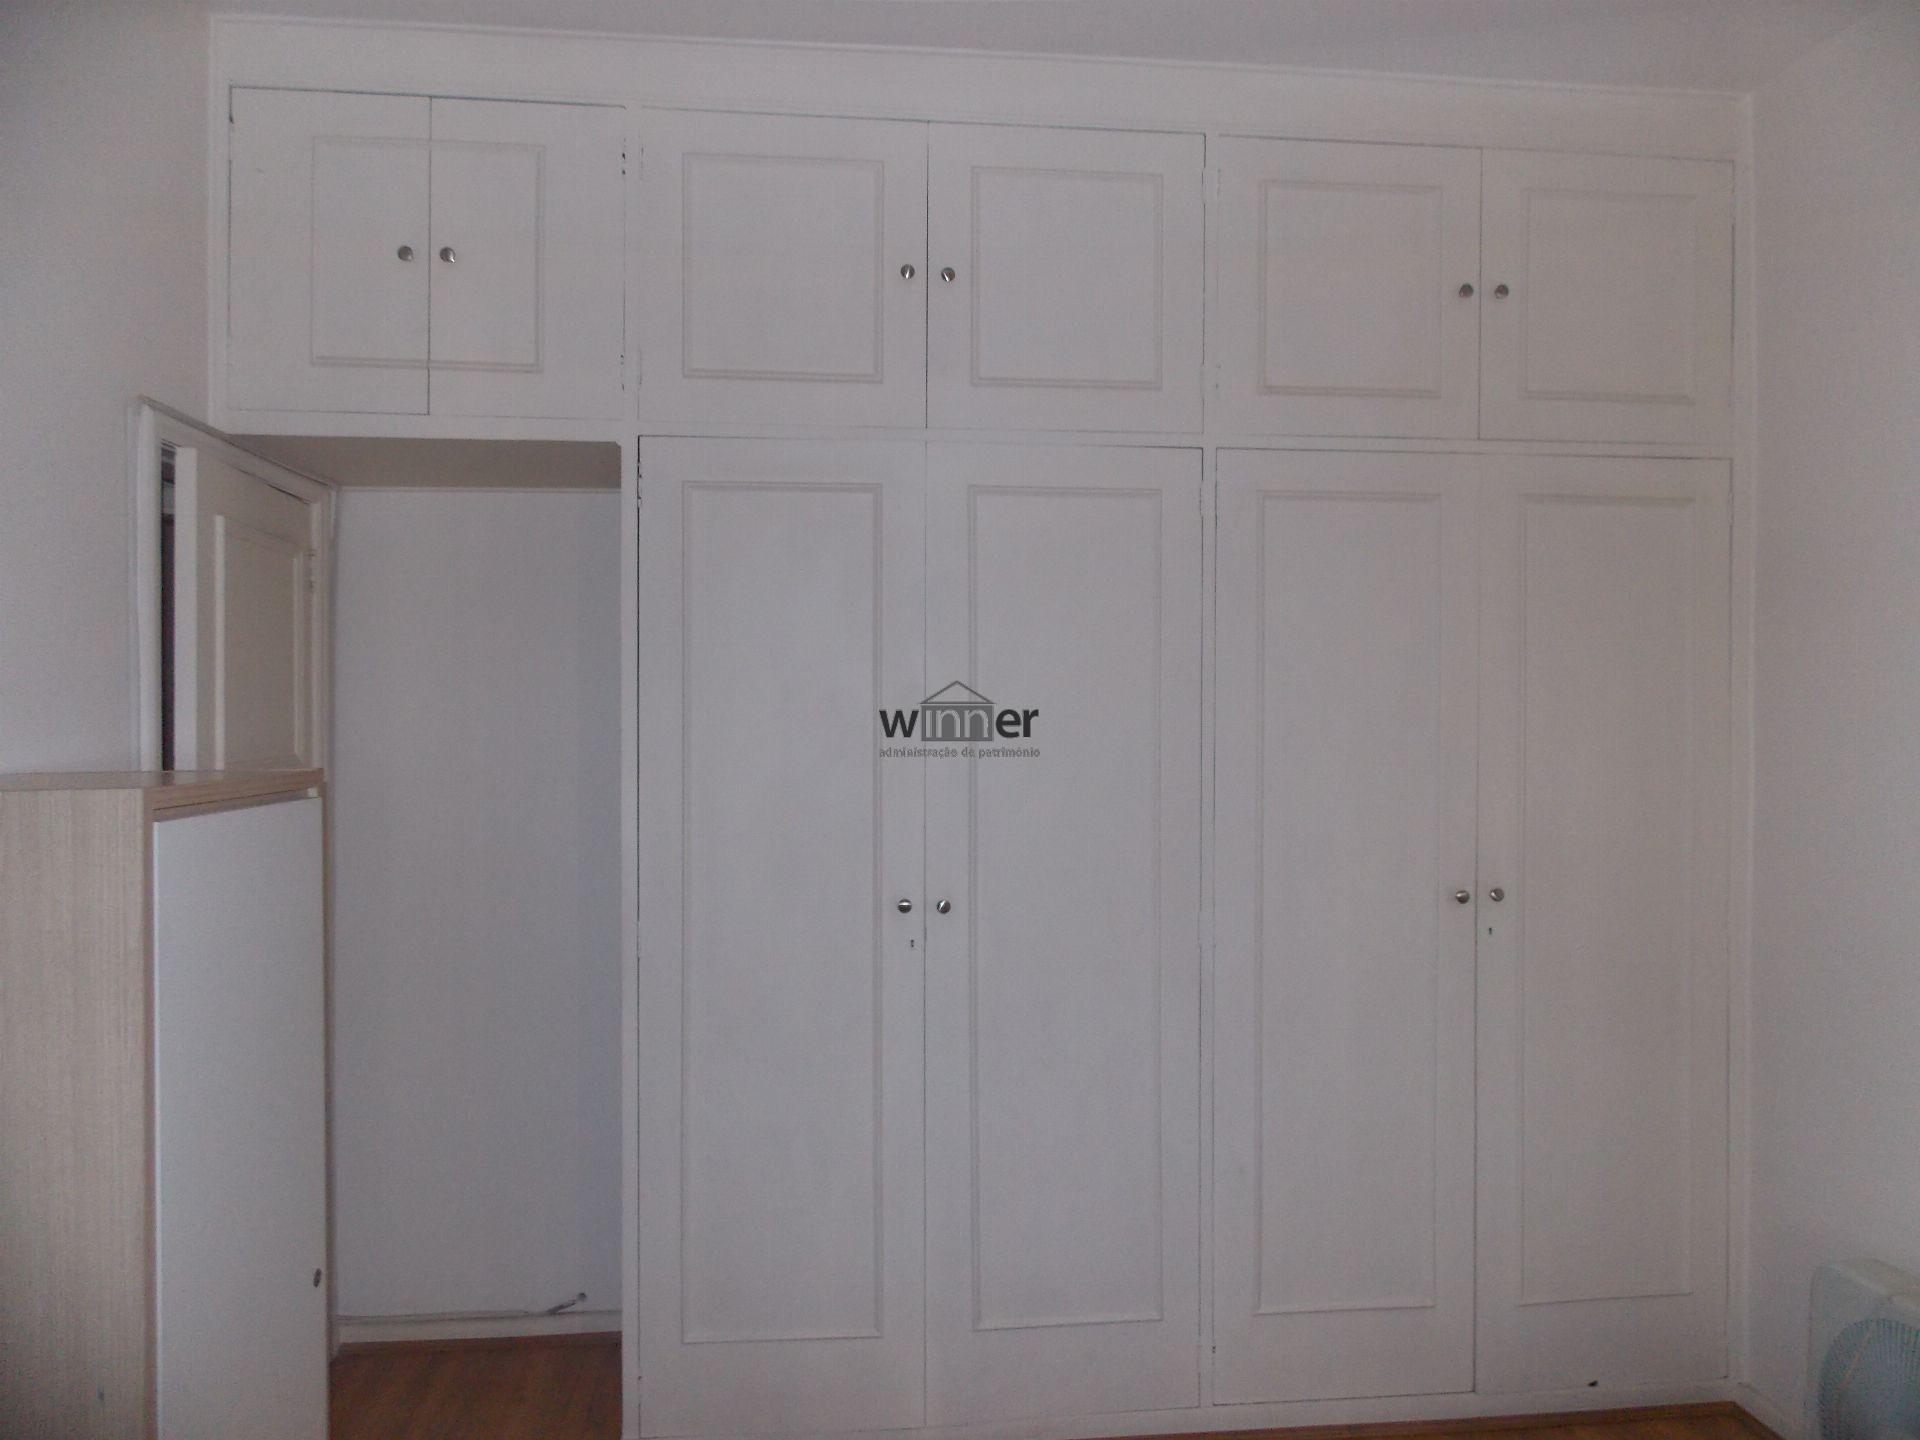 Apartamento para alugar , Santa Teresa, Rio de Janeiro, RJ - 0993-002 - 12